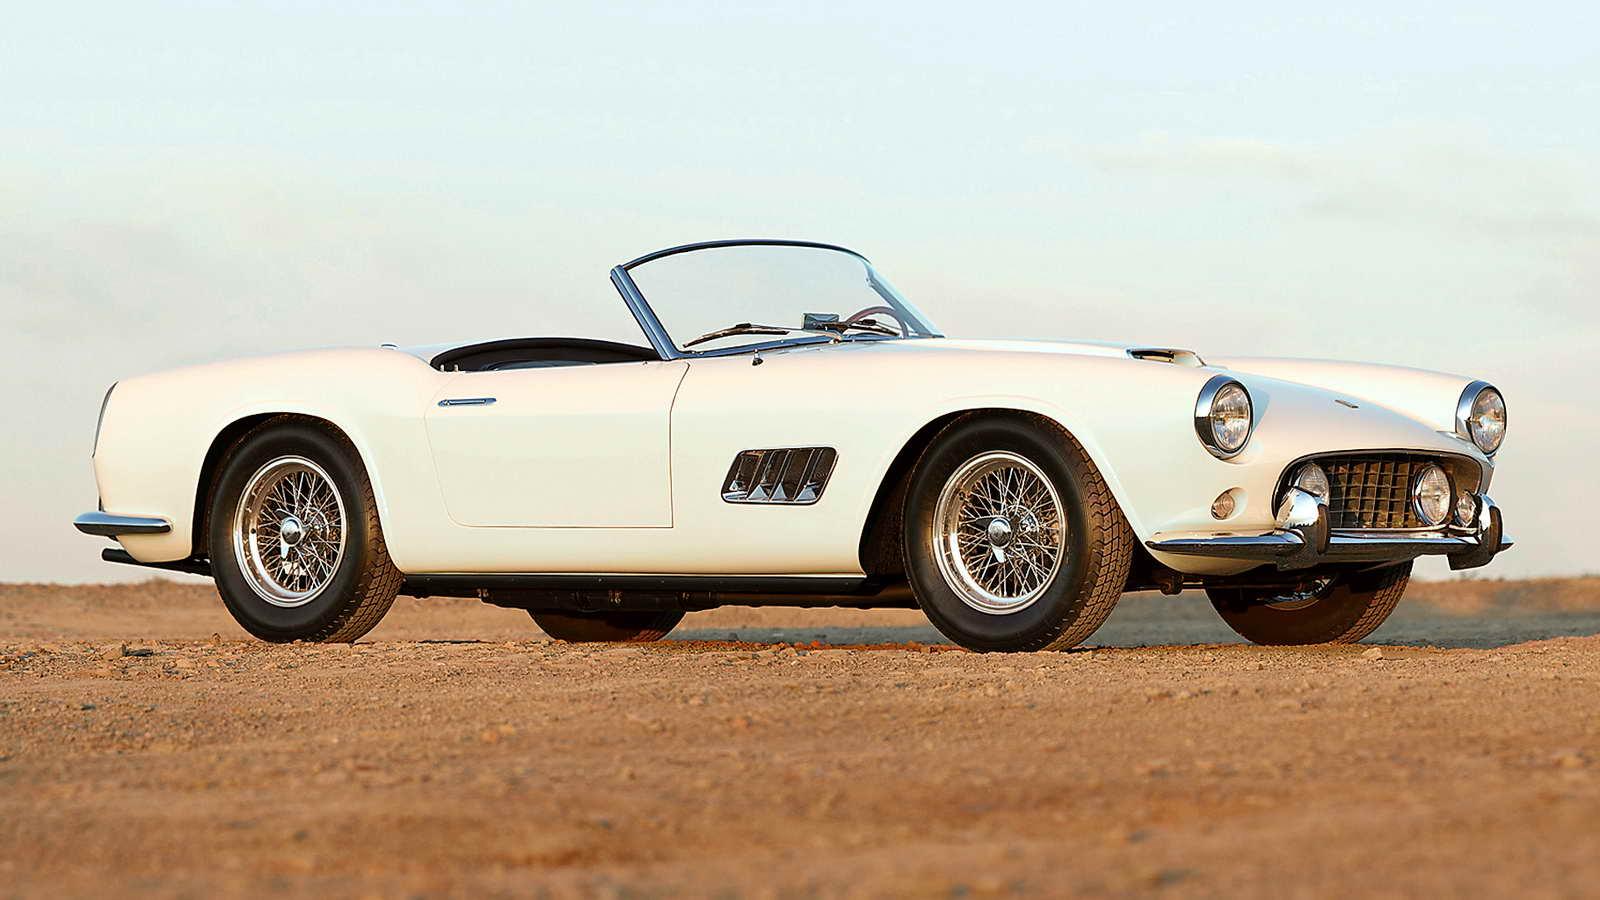 1959_Ferrari_250_GT_LWB_California_Spider_01.jpg